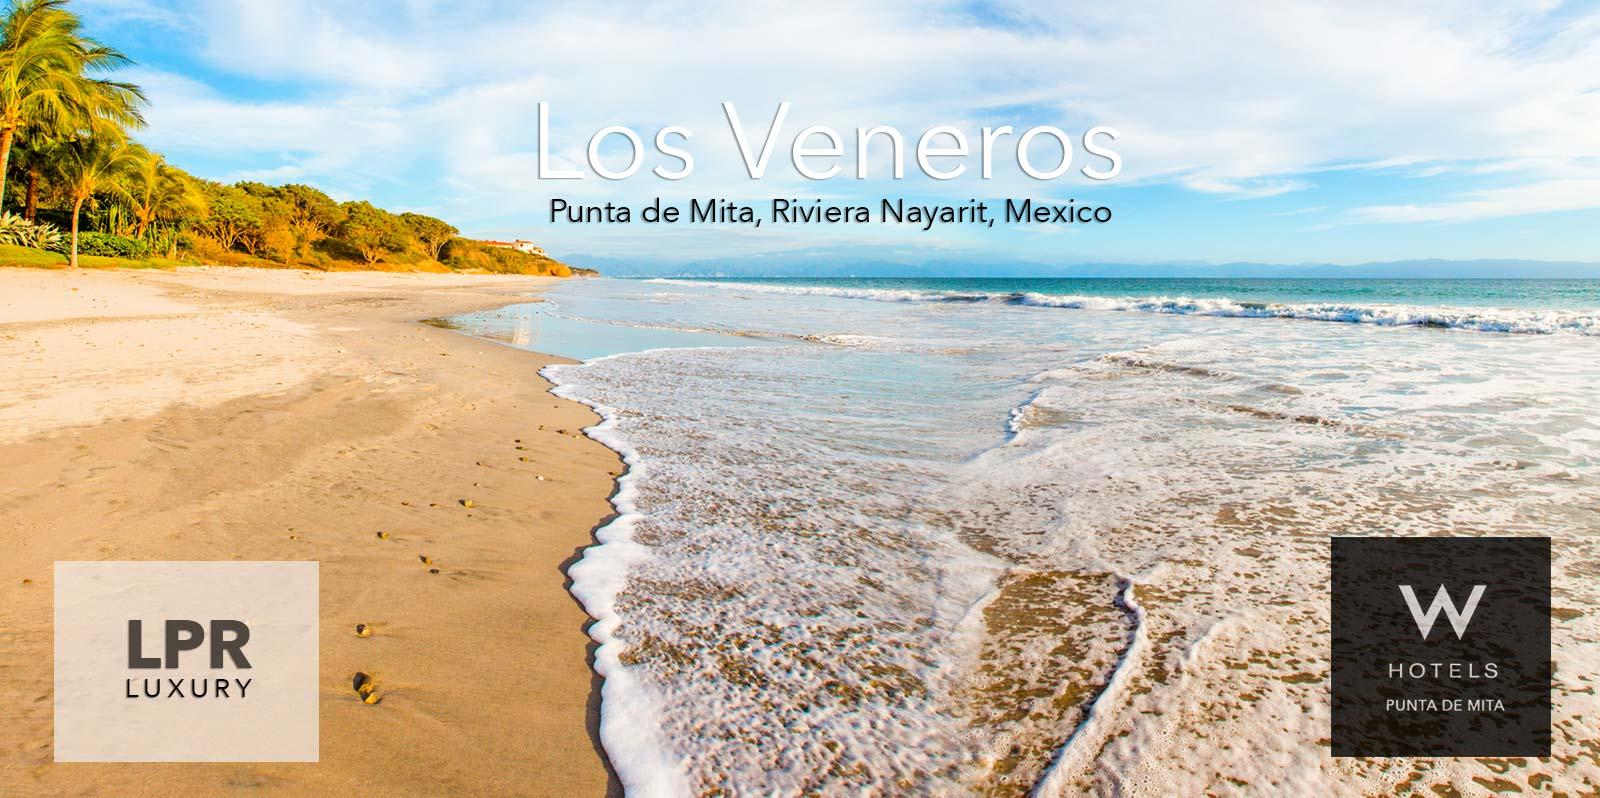 W Hotels - Los Veneros - Punta de Mita - Puerto Vallarta - Mexico